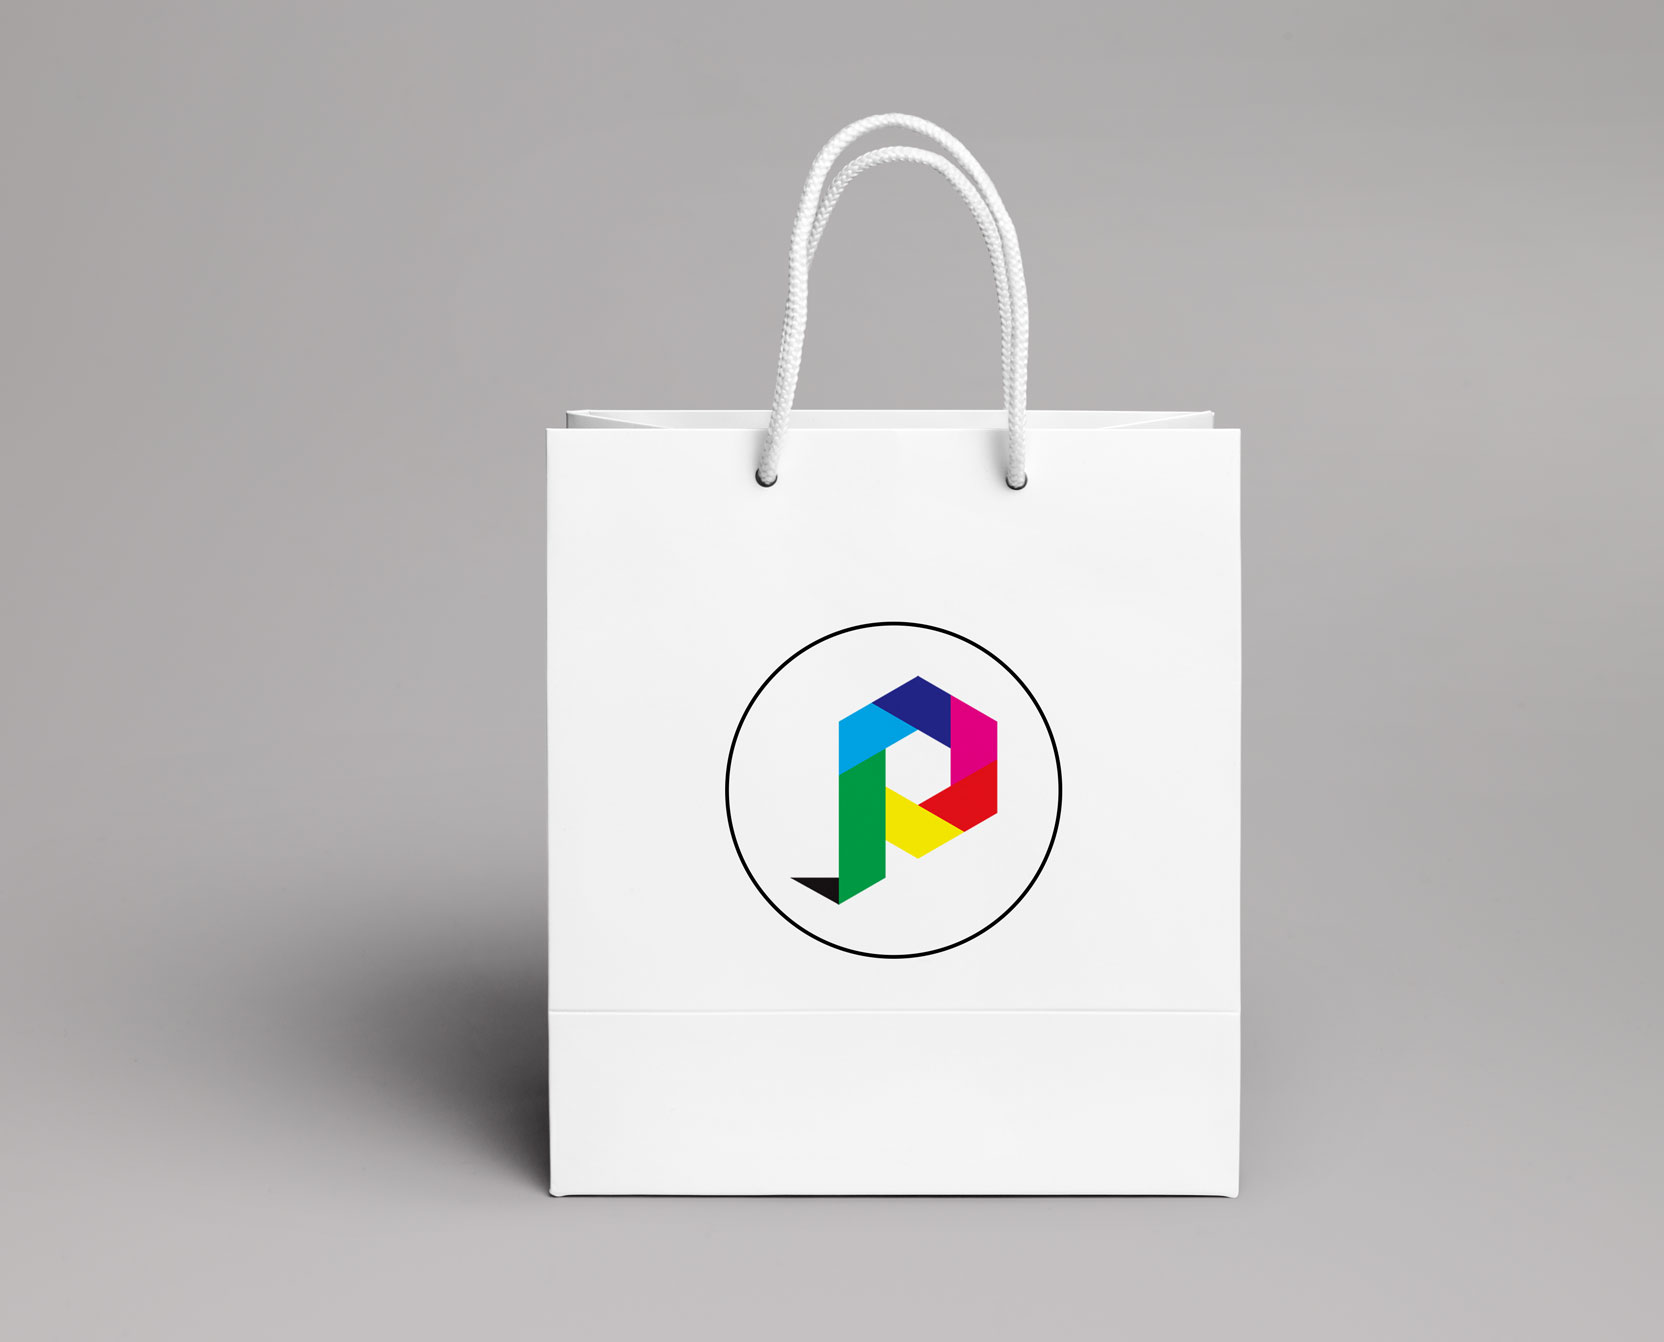 goodie bag polos